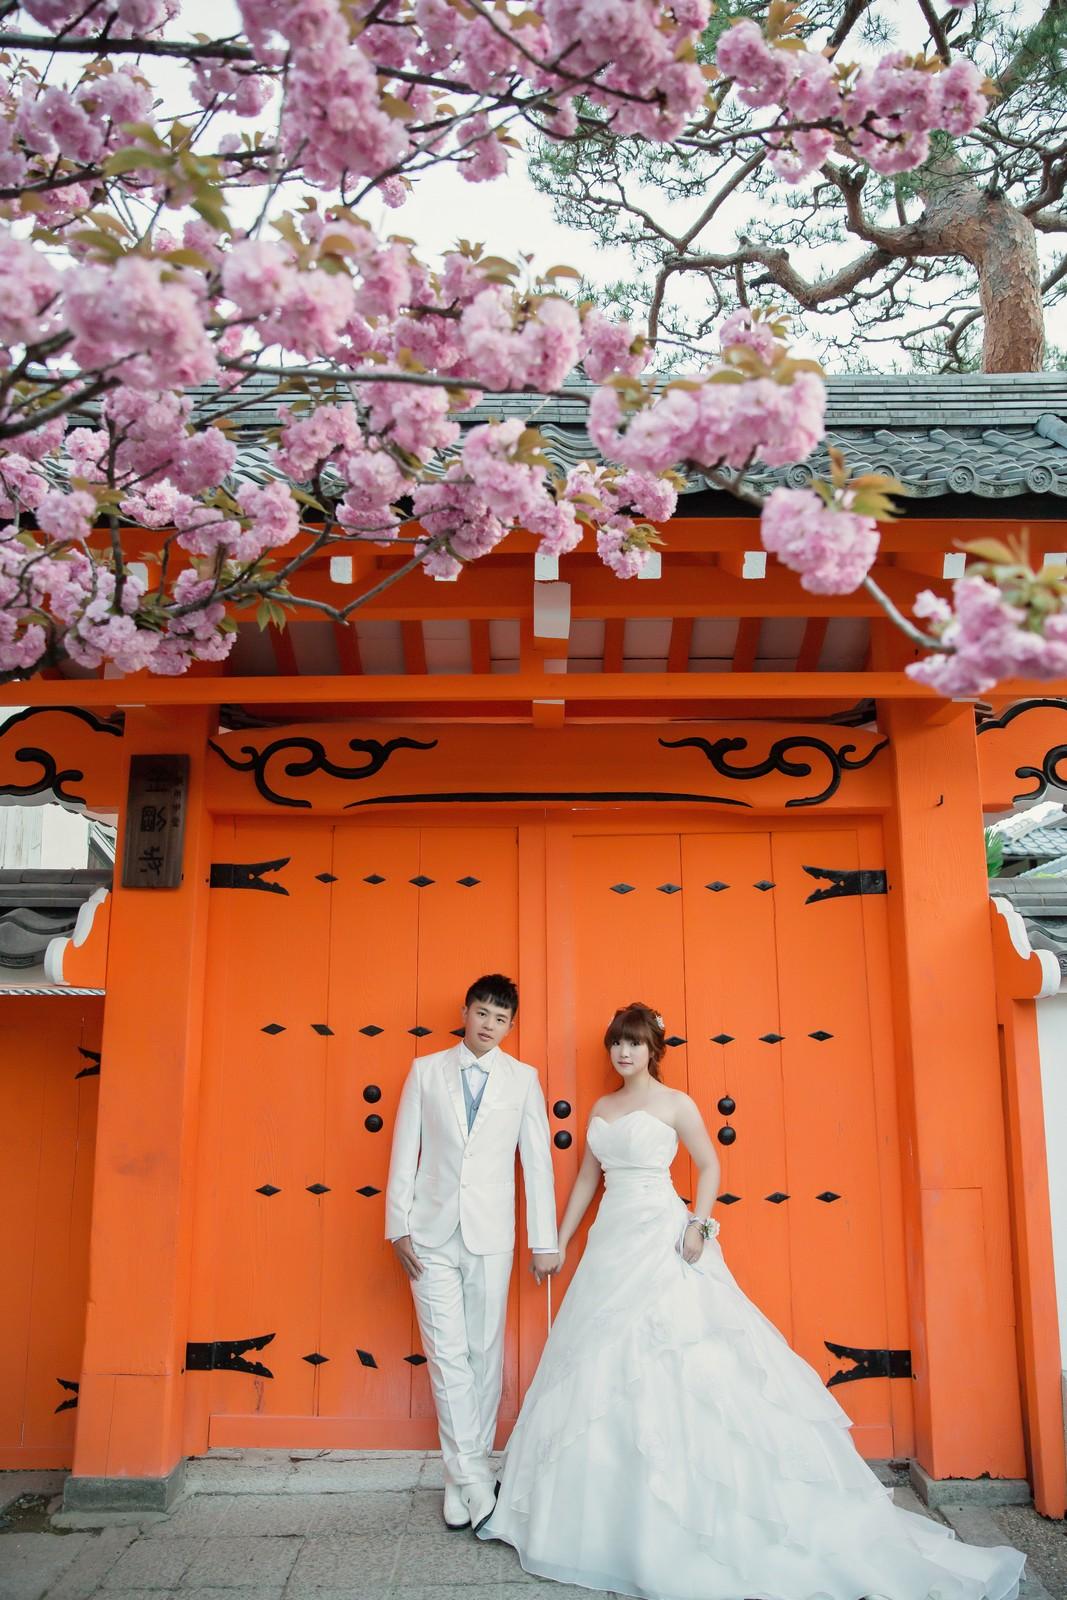 日本婚紗攝影,大阪拍婚紗,海外婚紗,大阪 婚紗攝影